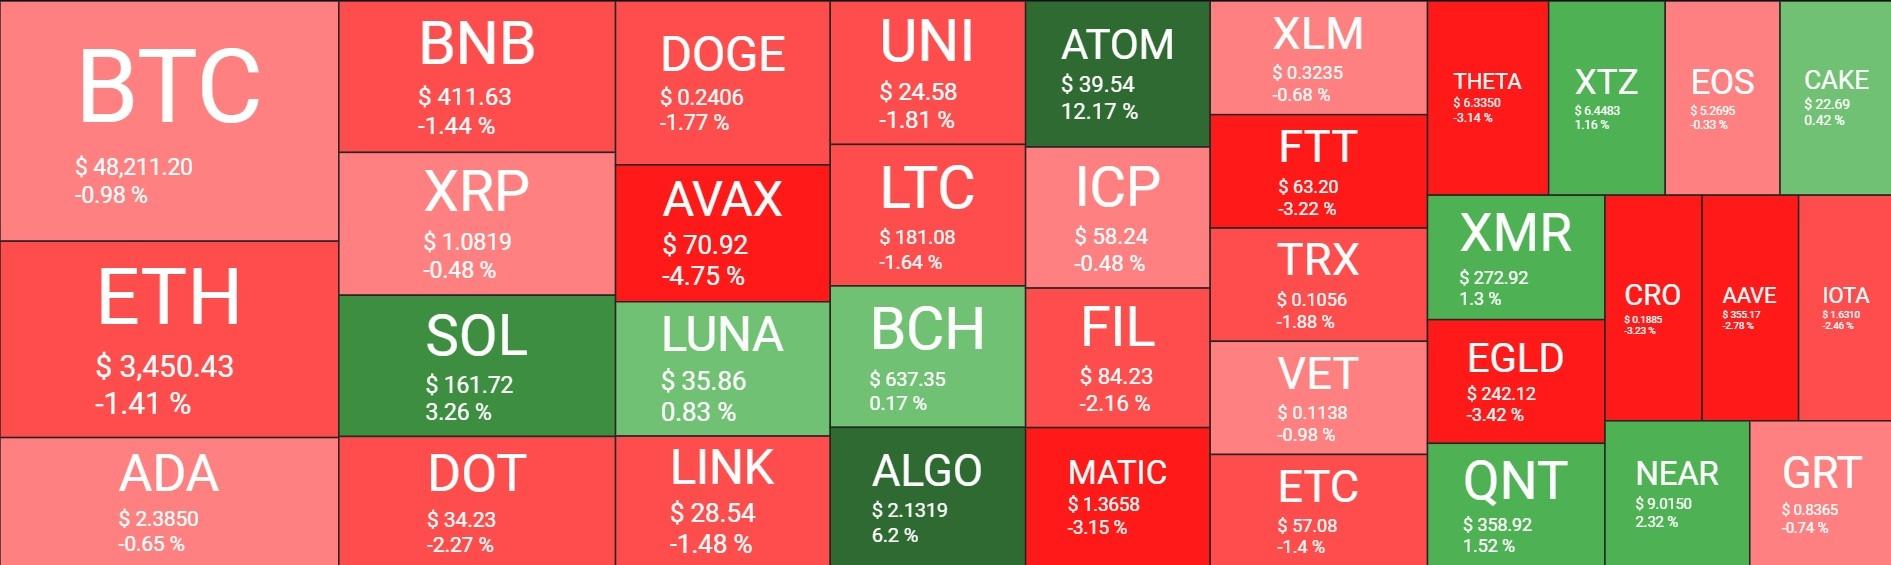 بازار28 - نگاهی کلی به وضعیت امروز بازار رمزارزها (28 شهریور)